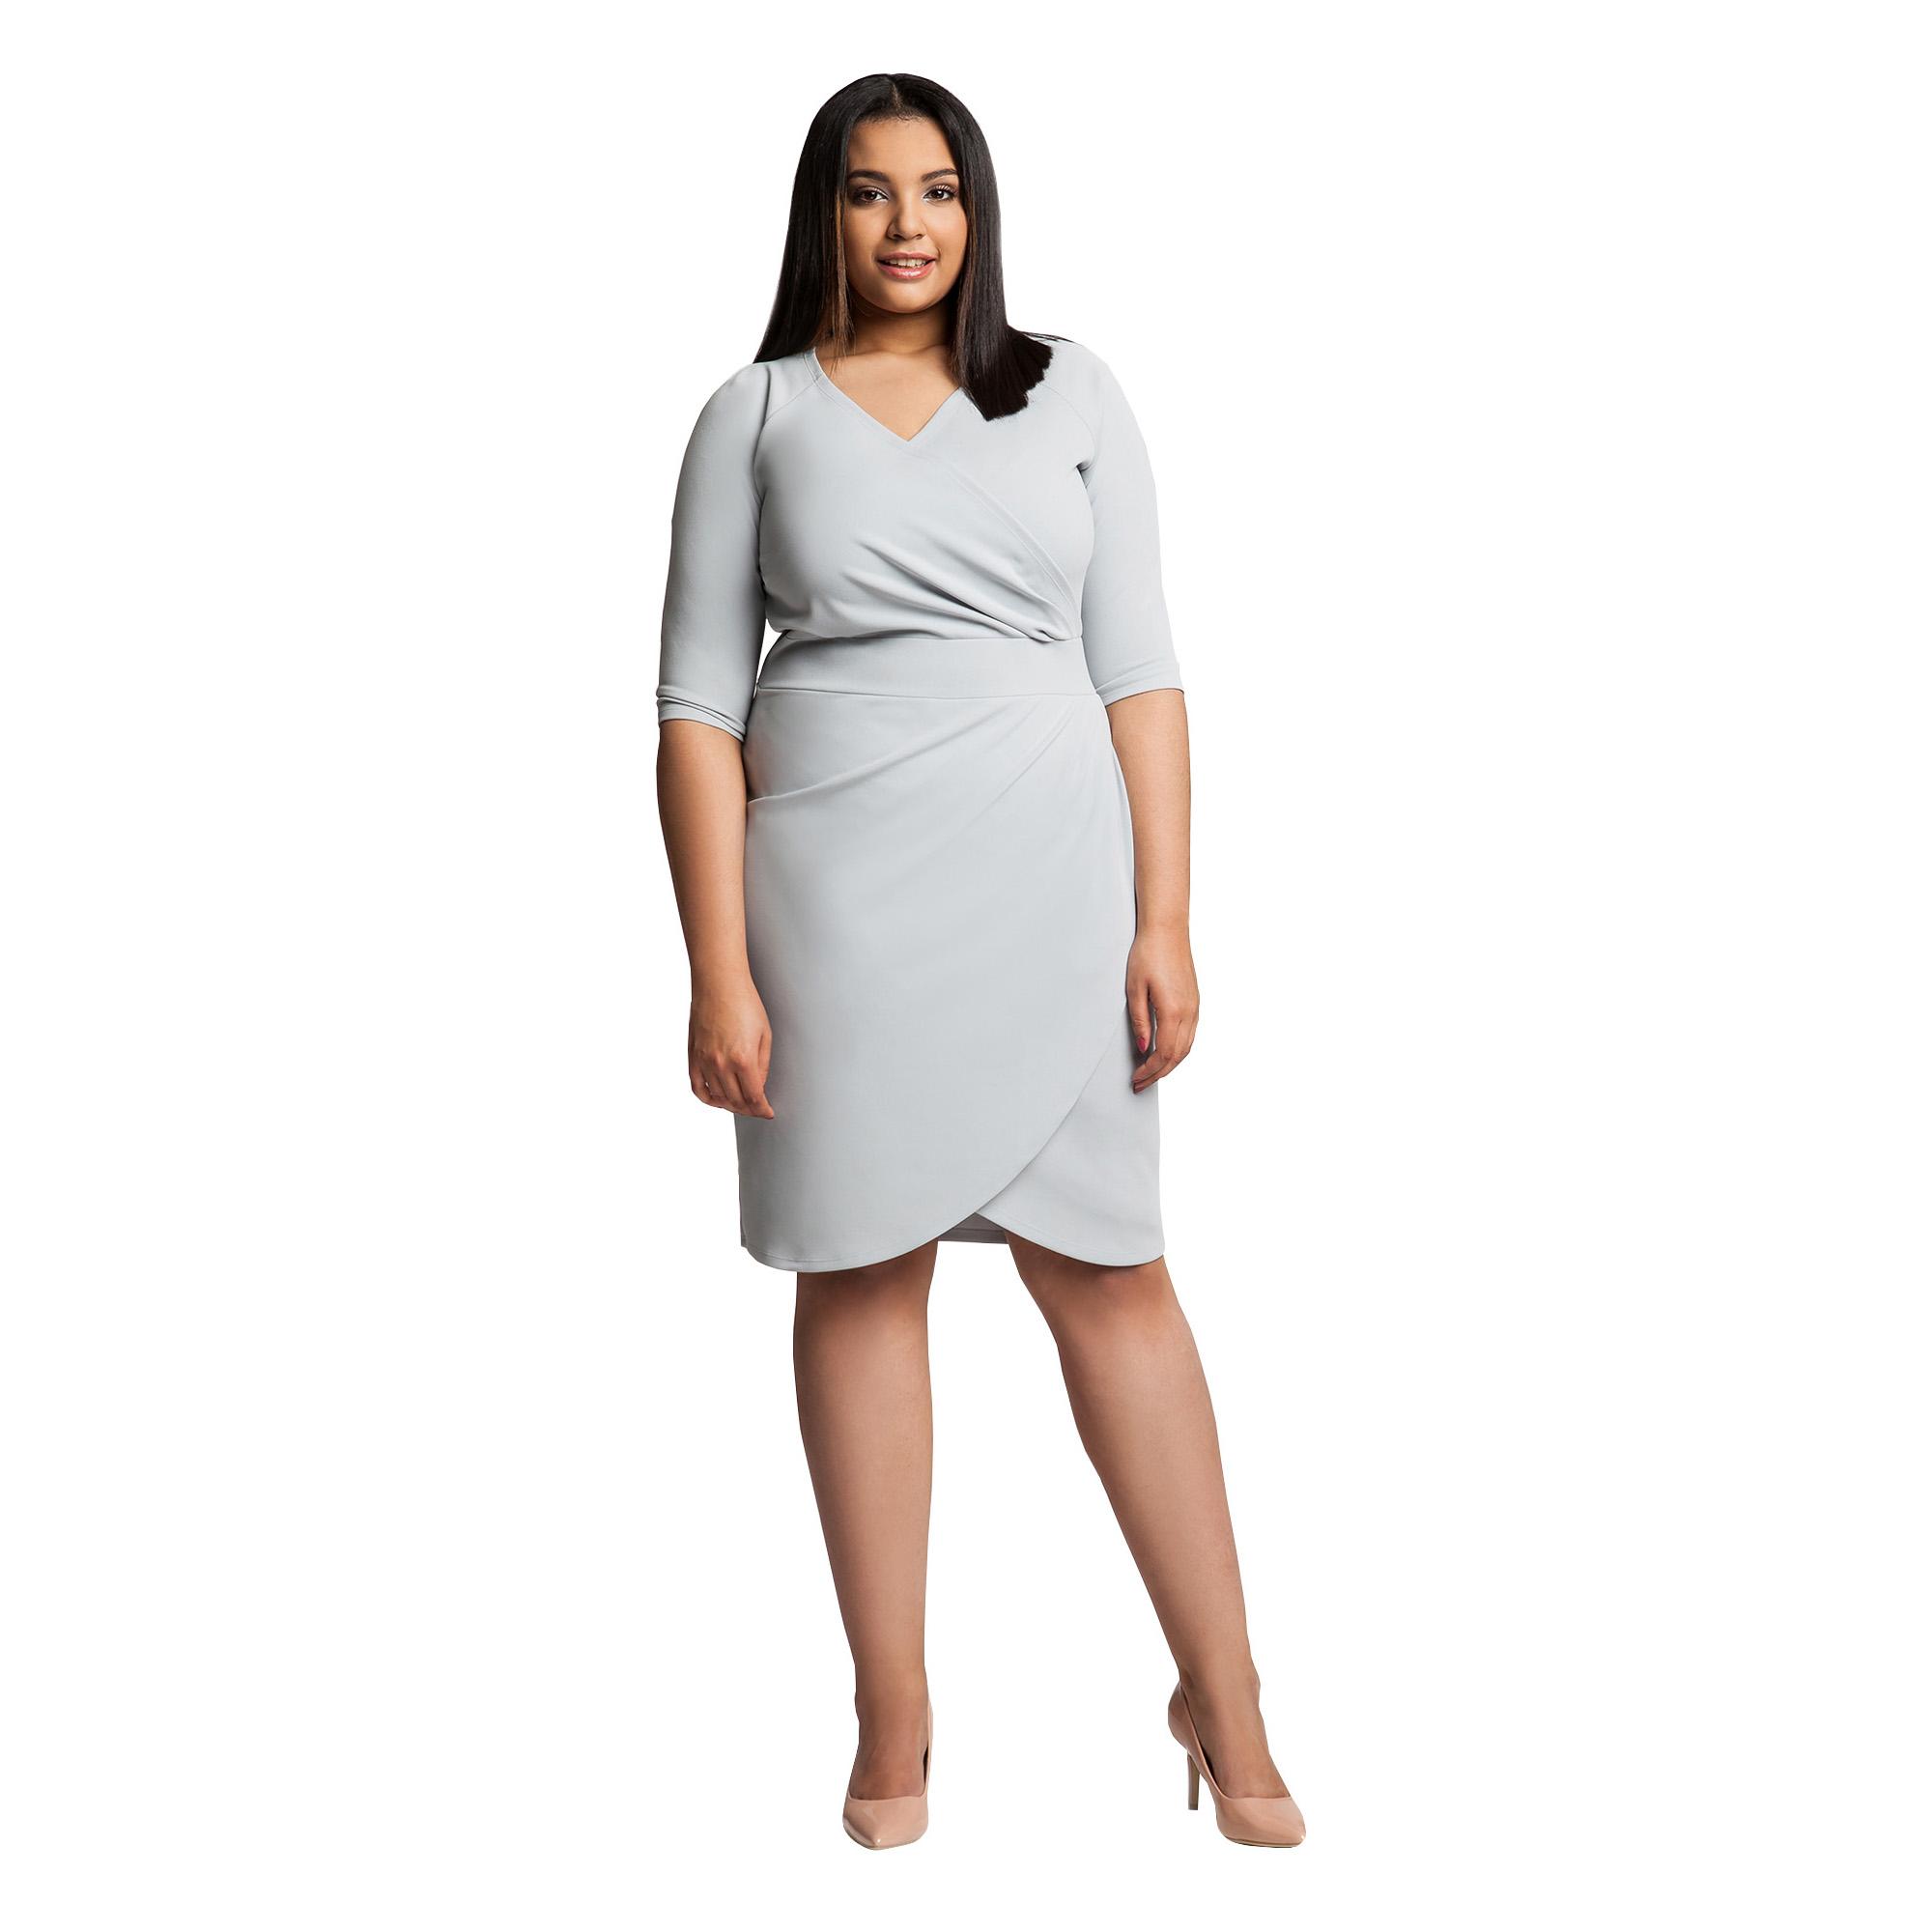 7f96fd483c187d Ołówkowa elegancka szara sukienka plus size 46 - 7359064460 ...